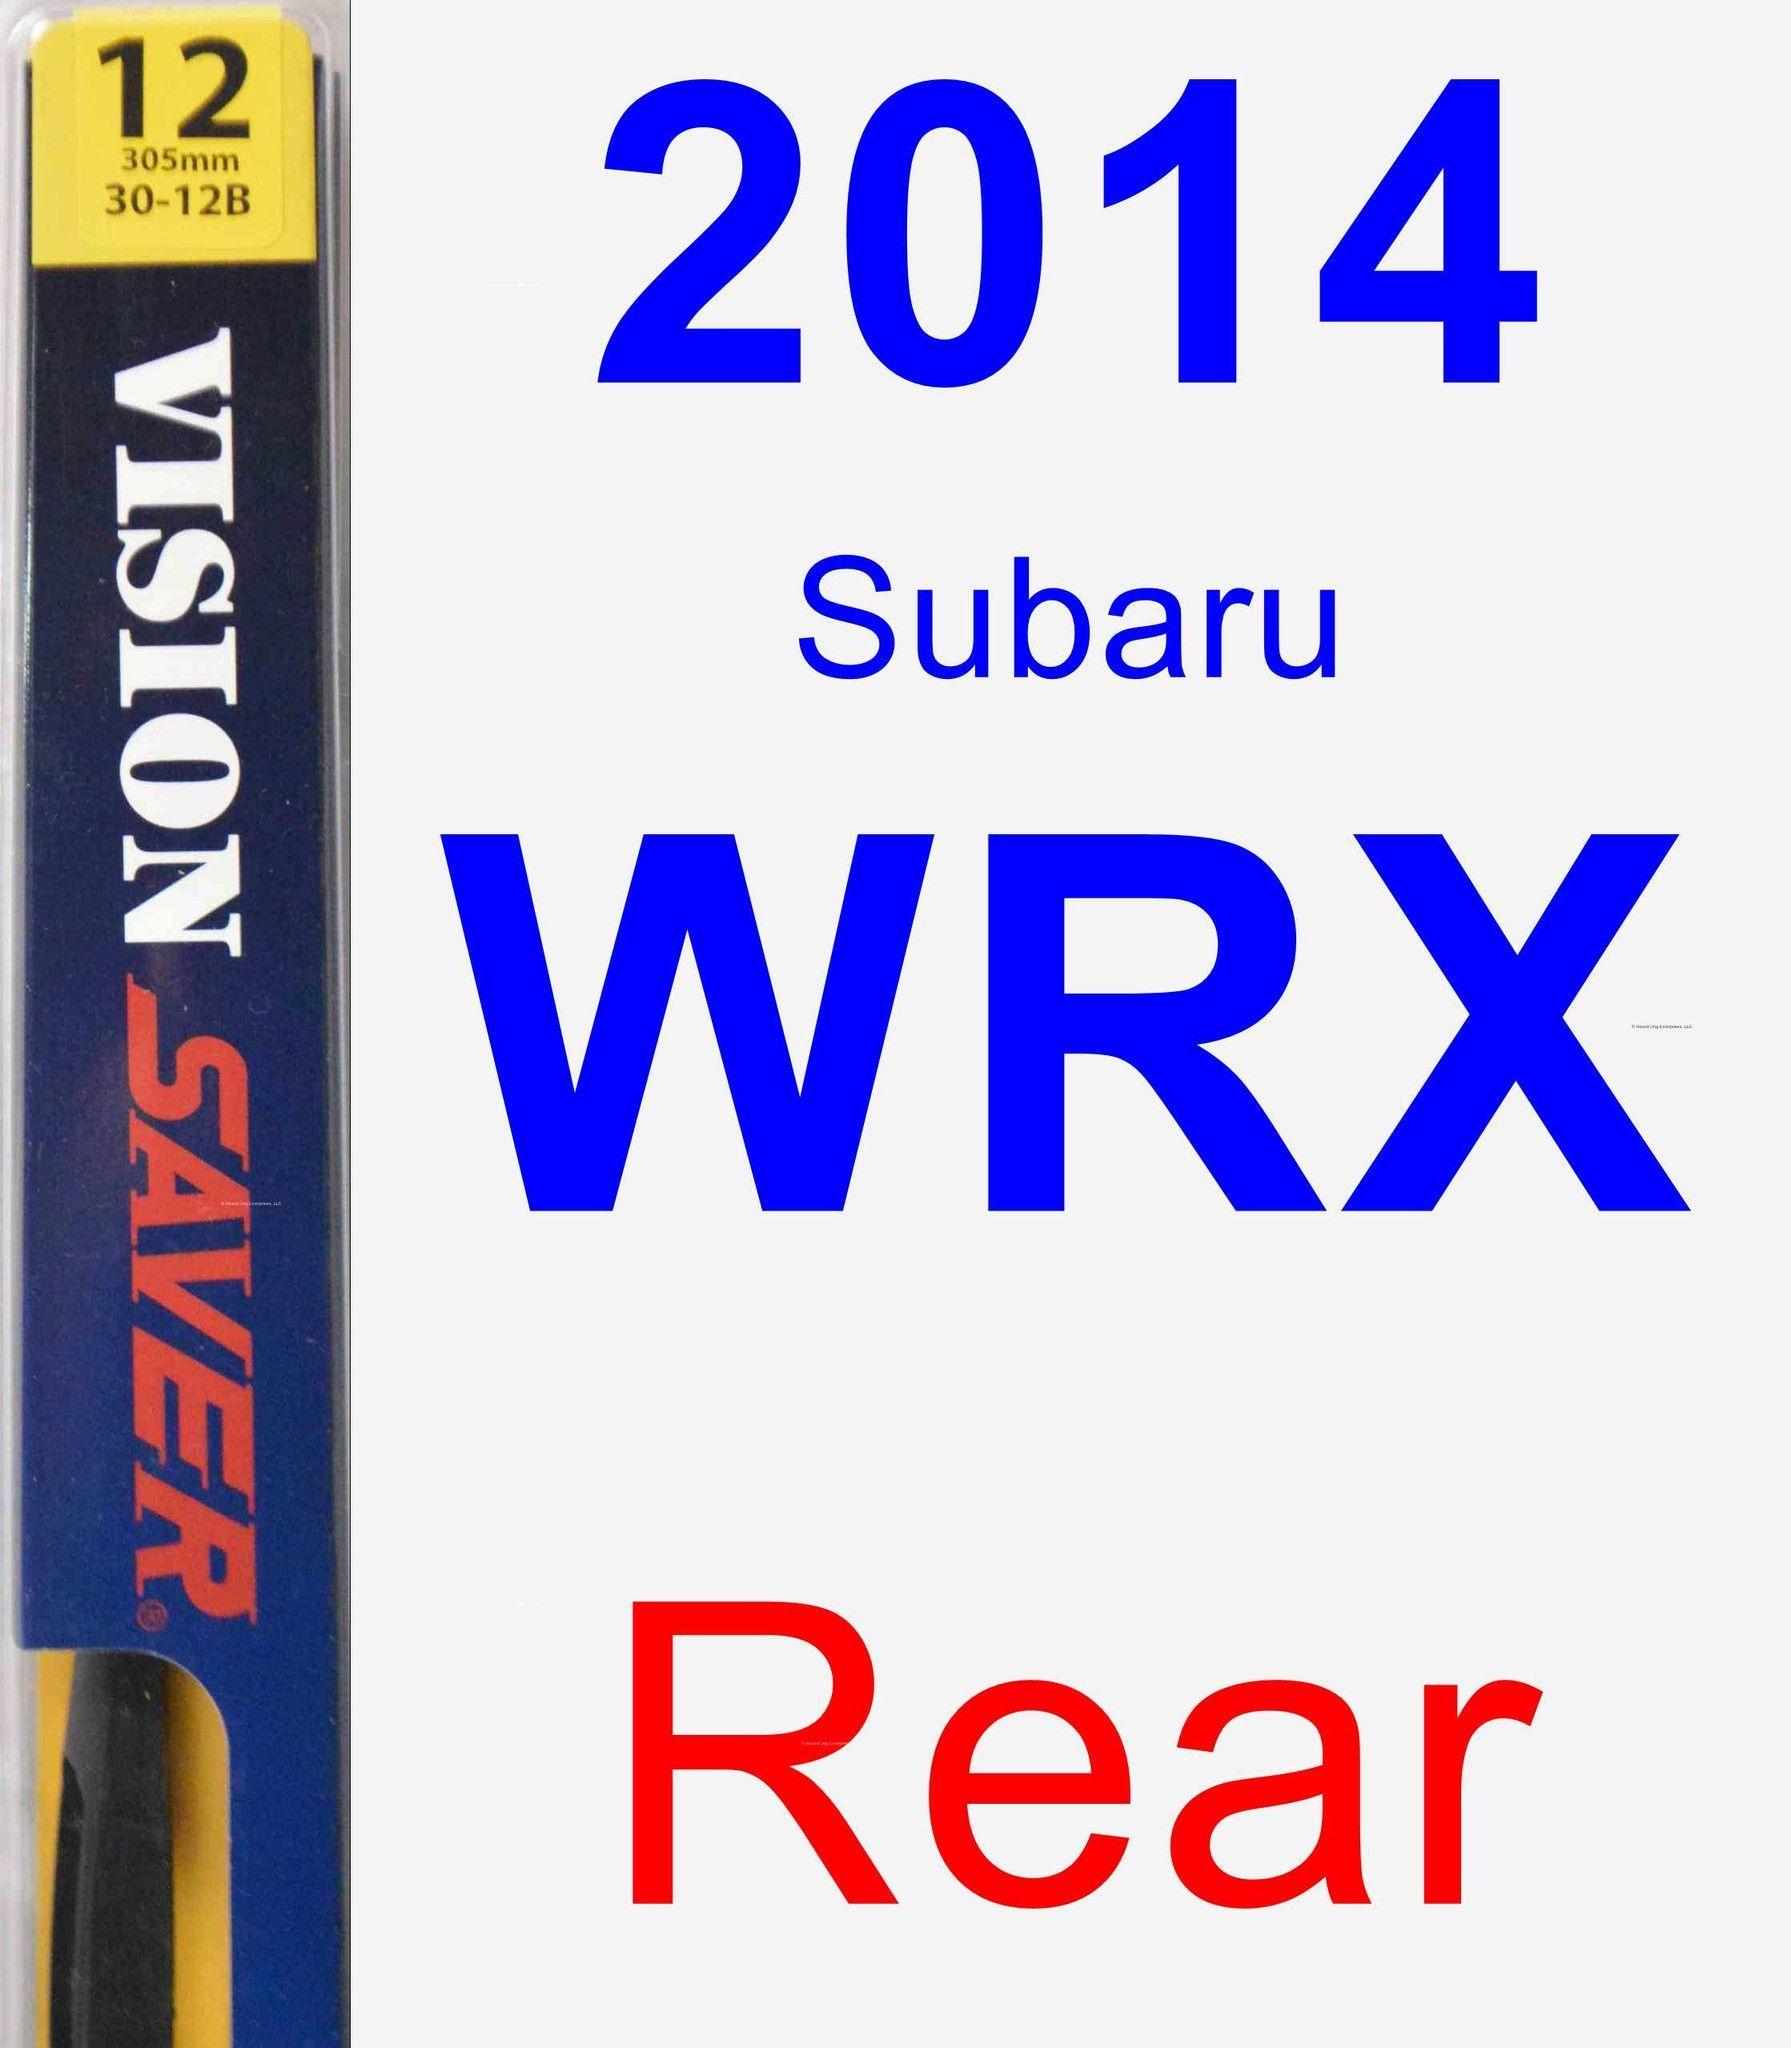 Rear Wiper Blade For 2014 Subaru WRX - Rear